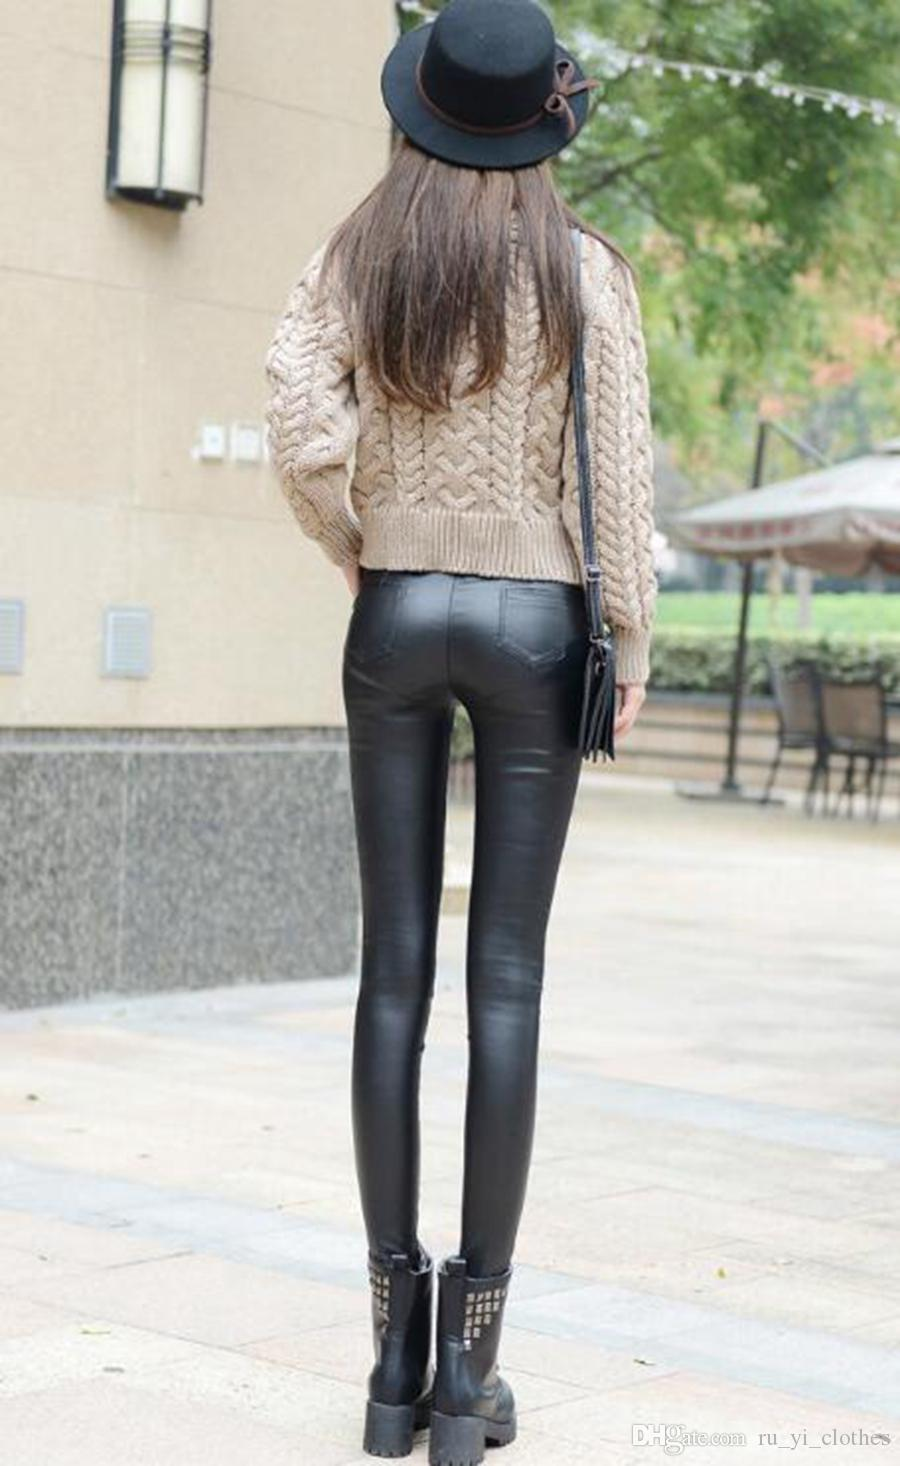 L'edizione Han contrasta le donne autentiche della moda inverno nuovo caldo più stretto mostra pantaloni in pelle PU splicing sottile e sottile. S - 3xl